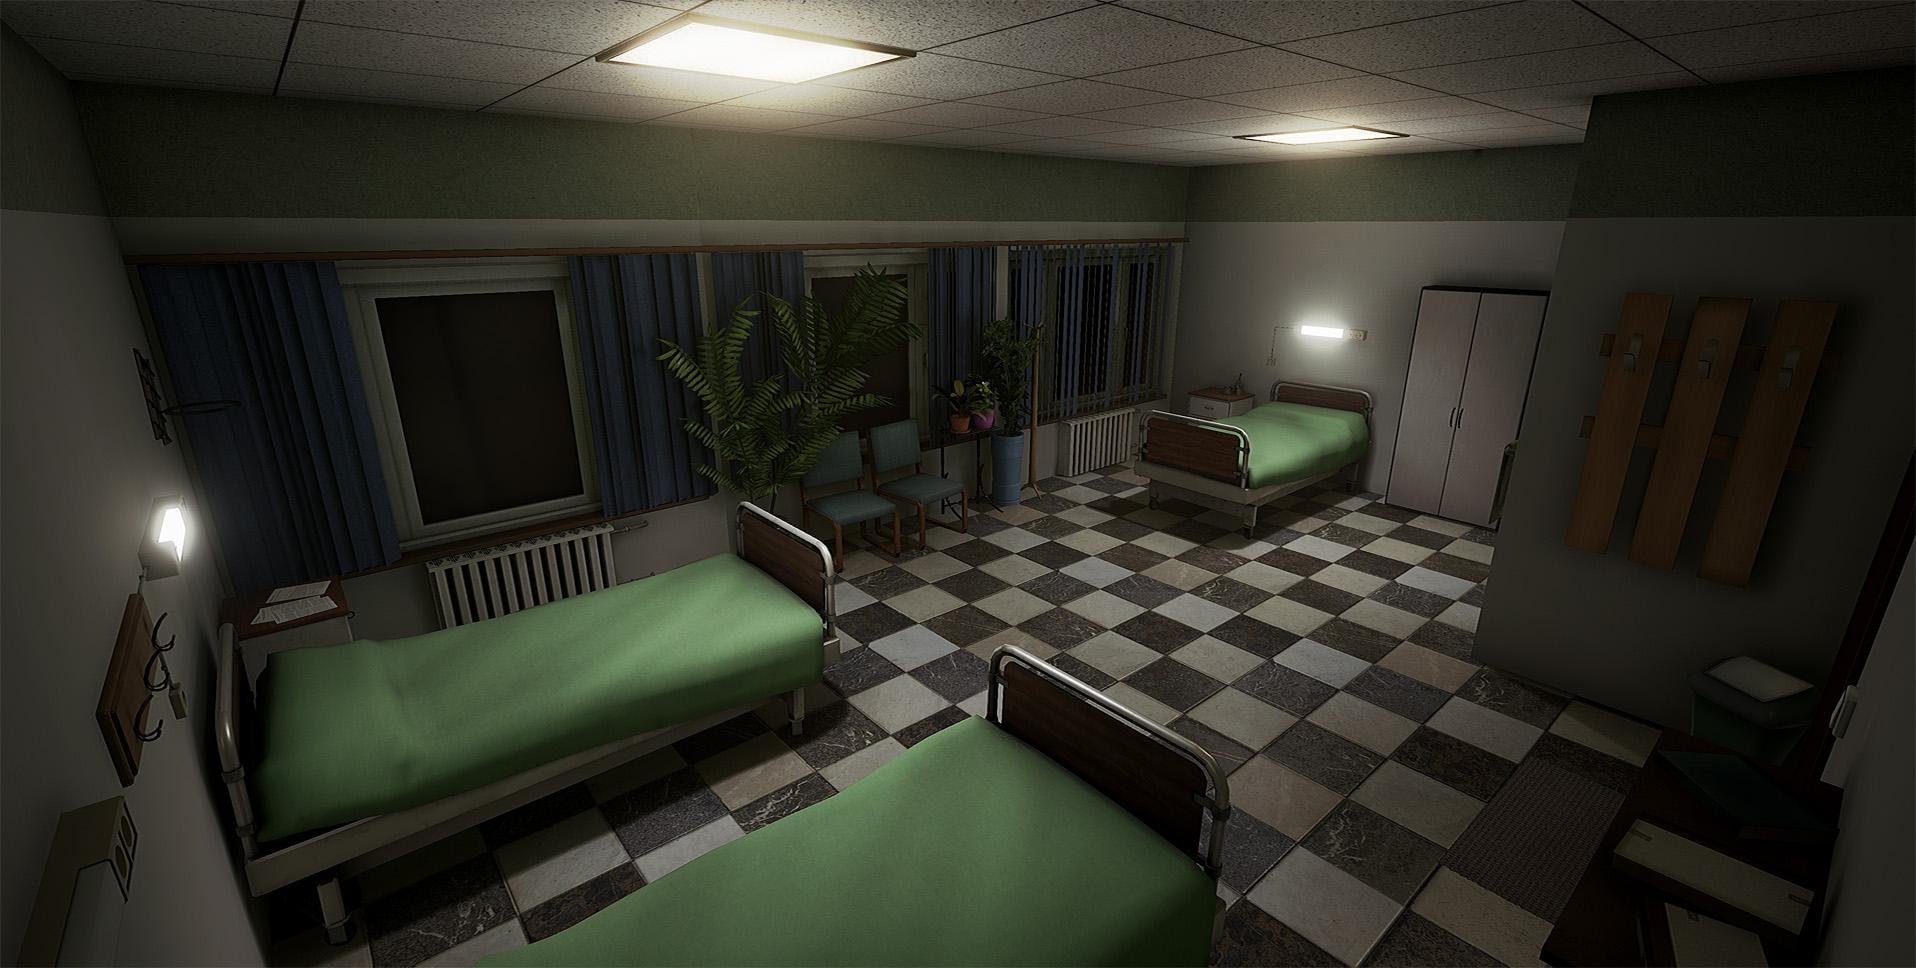 New Animator and Progress news - Grey mod for Half-Life 2